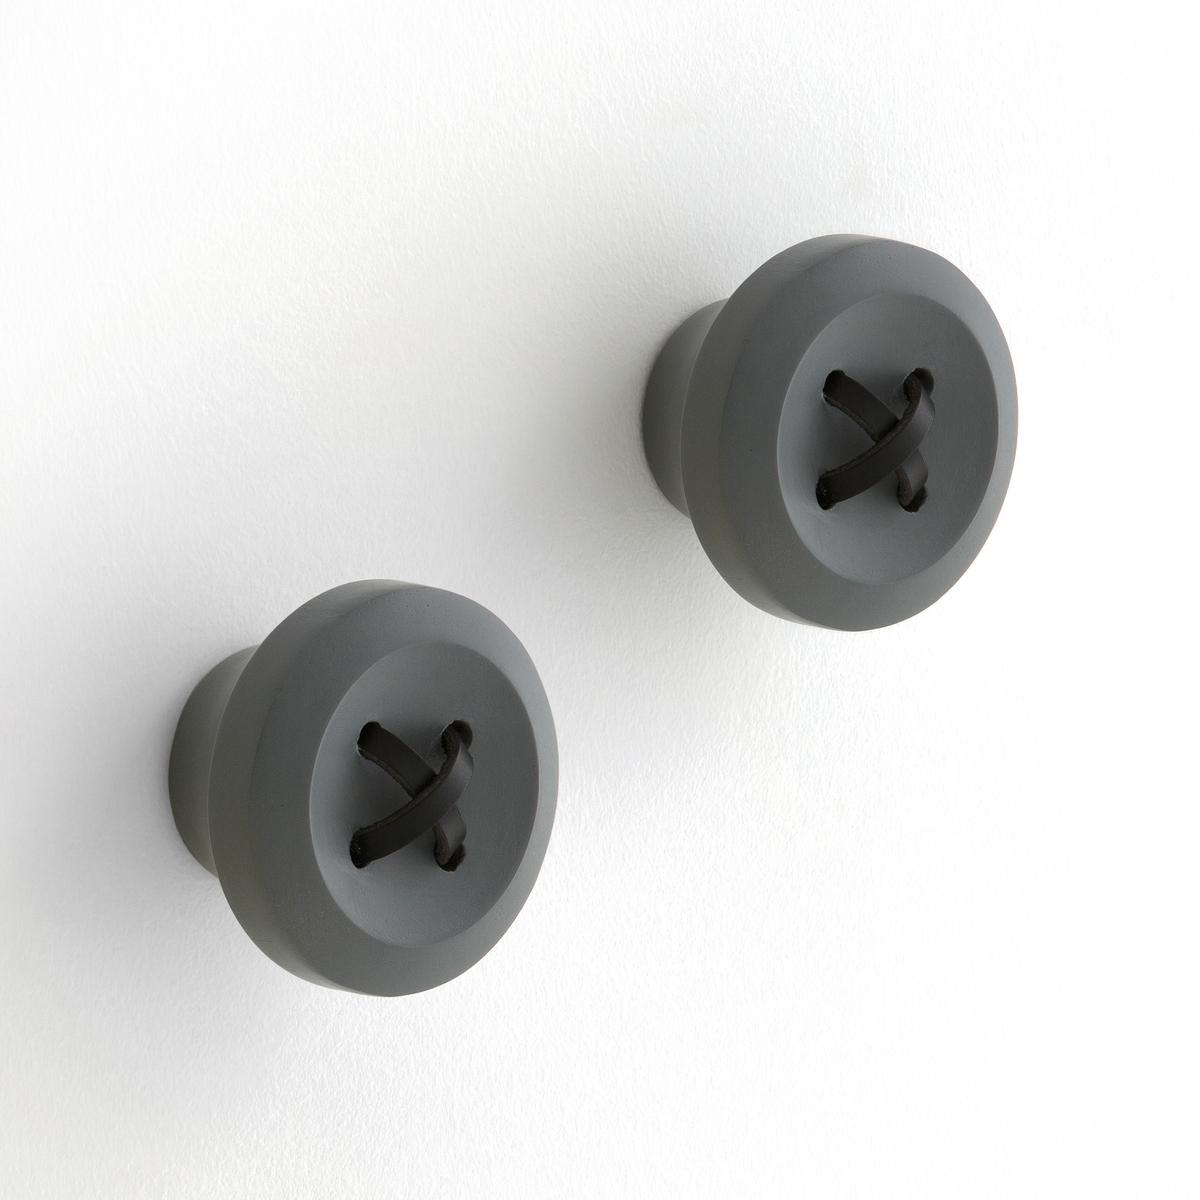 Вешалка MalarkoВешалка Malarko. Оригинальная вешалка среднего размера в форме пуговицы с кожаным шнурком. Крепление на стену при помощи планки (шурупы и дюбеля в комплект не входят). . : ?8 x Г5 см.<br><br>Цвет: серый<br>Размер: единый размер